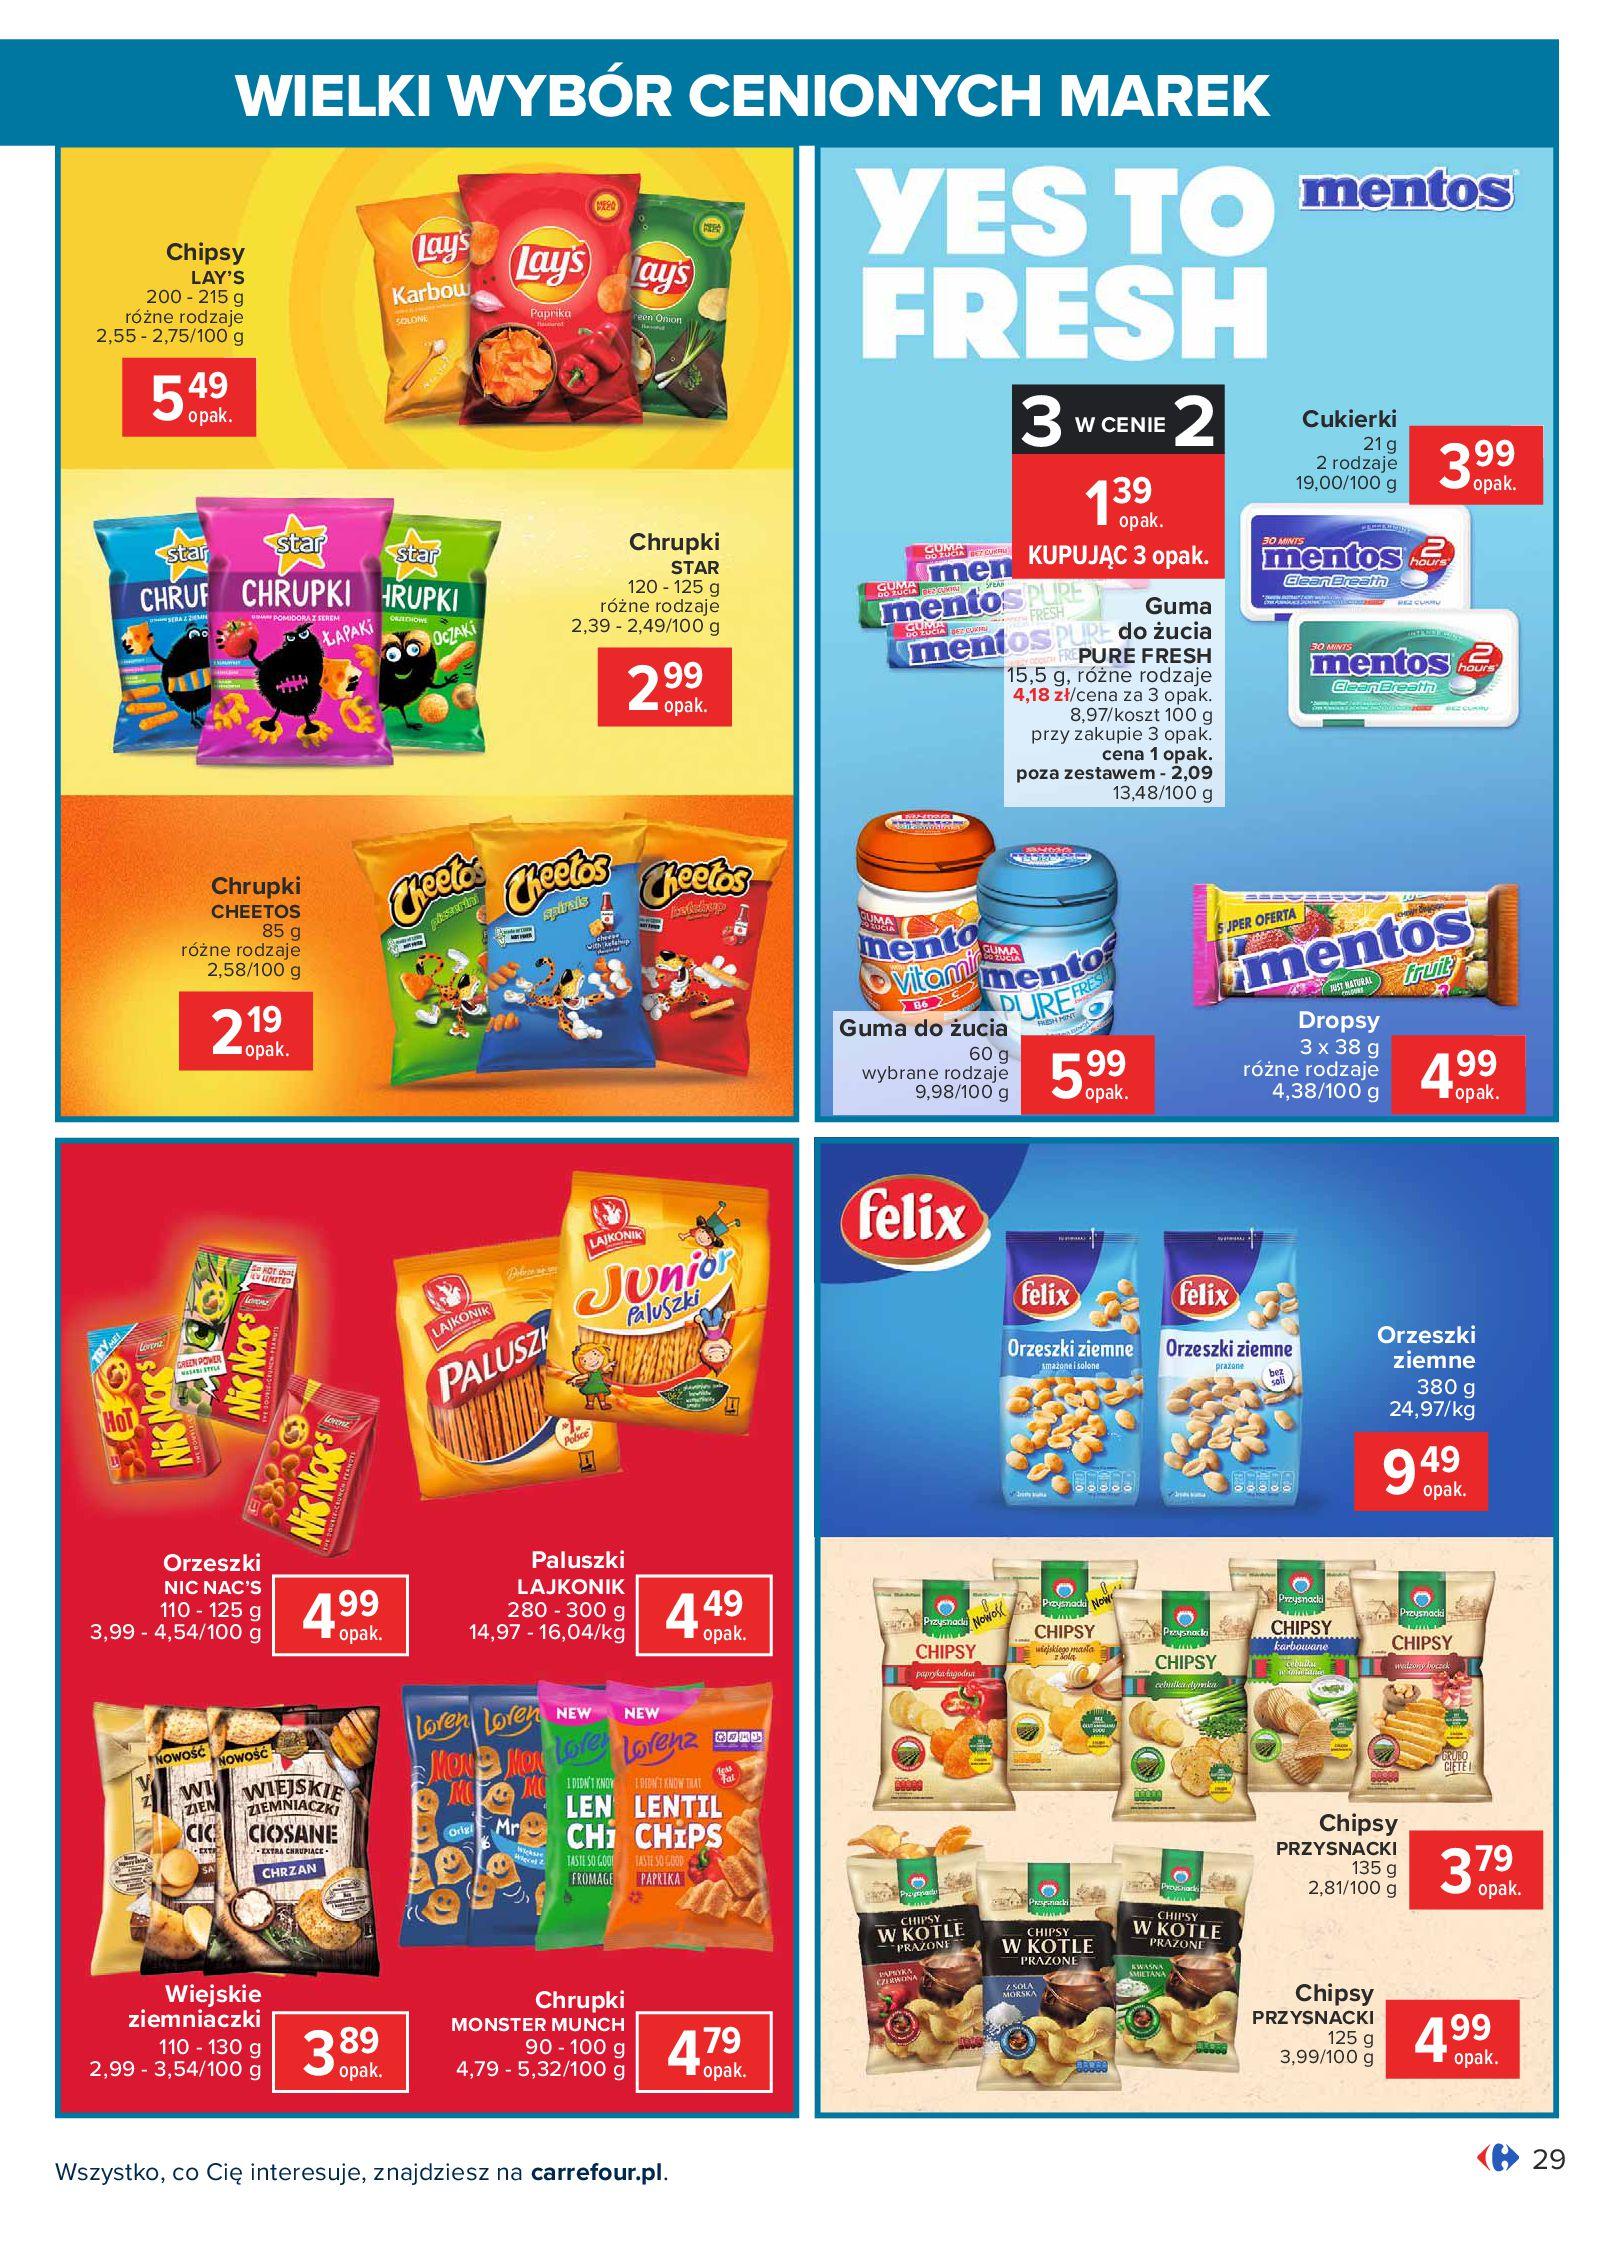 Gazetka Carrefour: Wielki wybór cenionych marek 2021-05-04 page-29